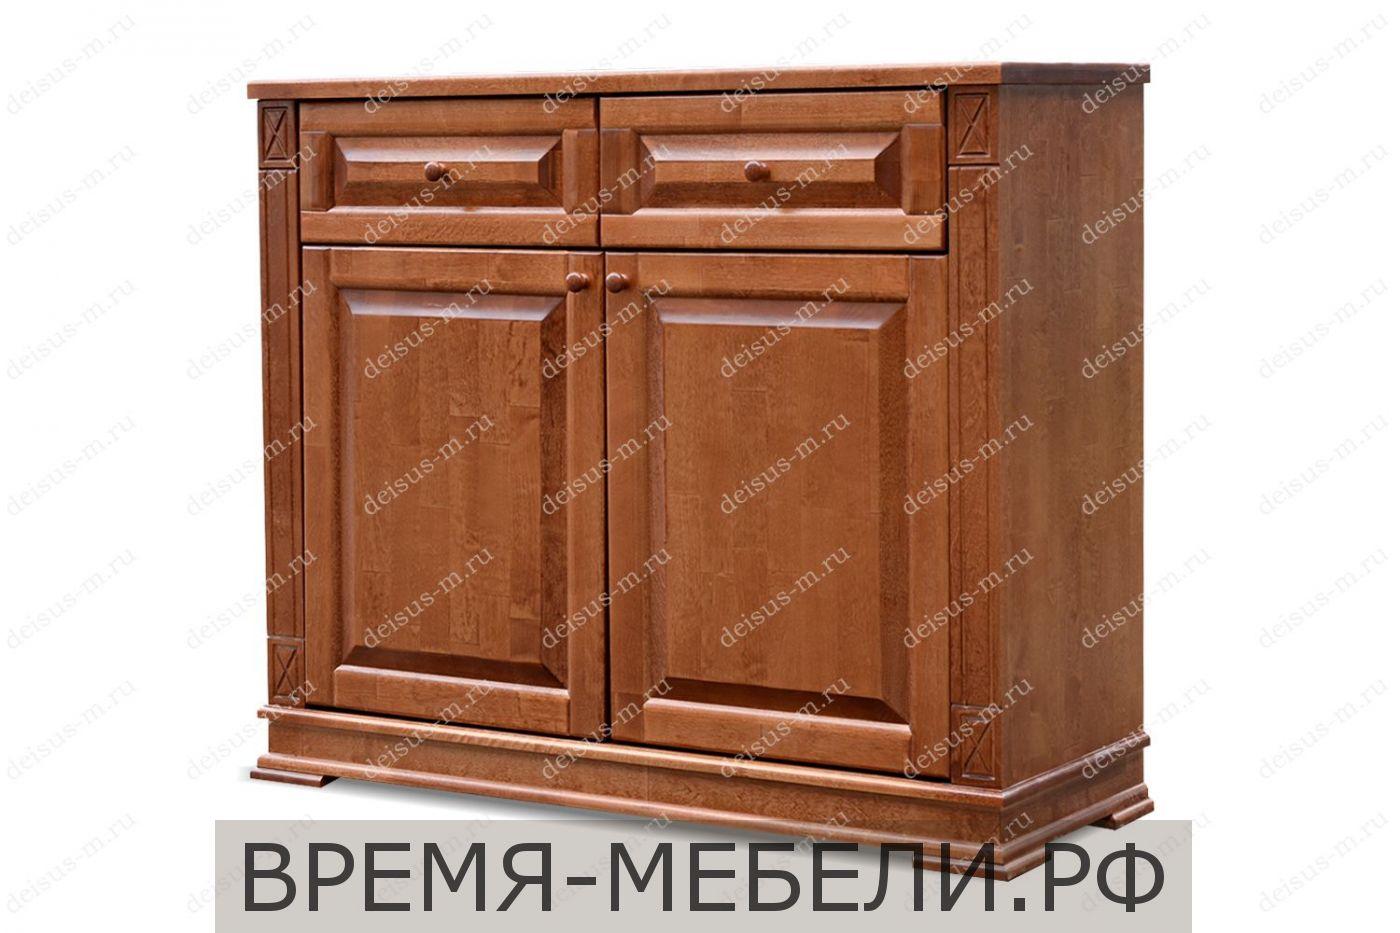 Комод Верди-М 2